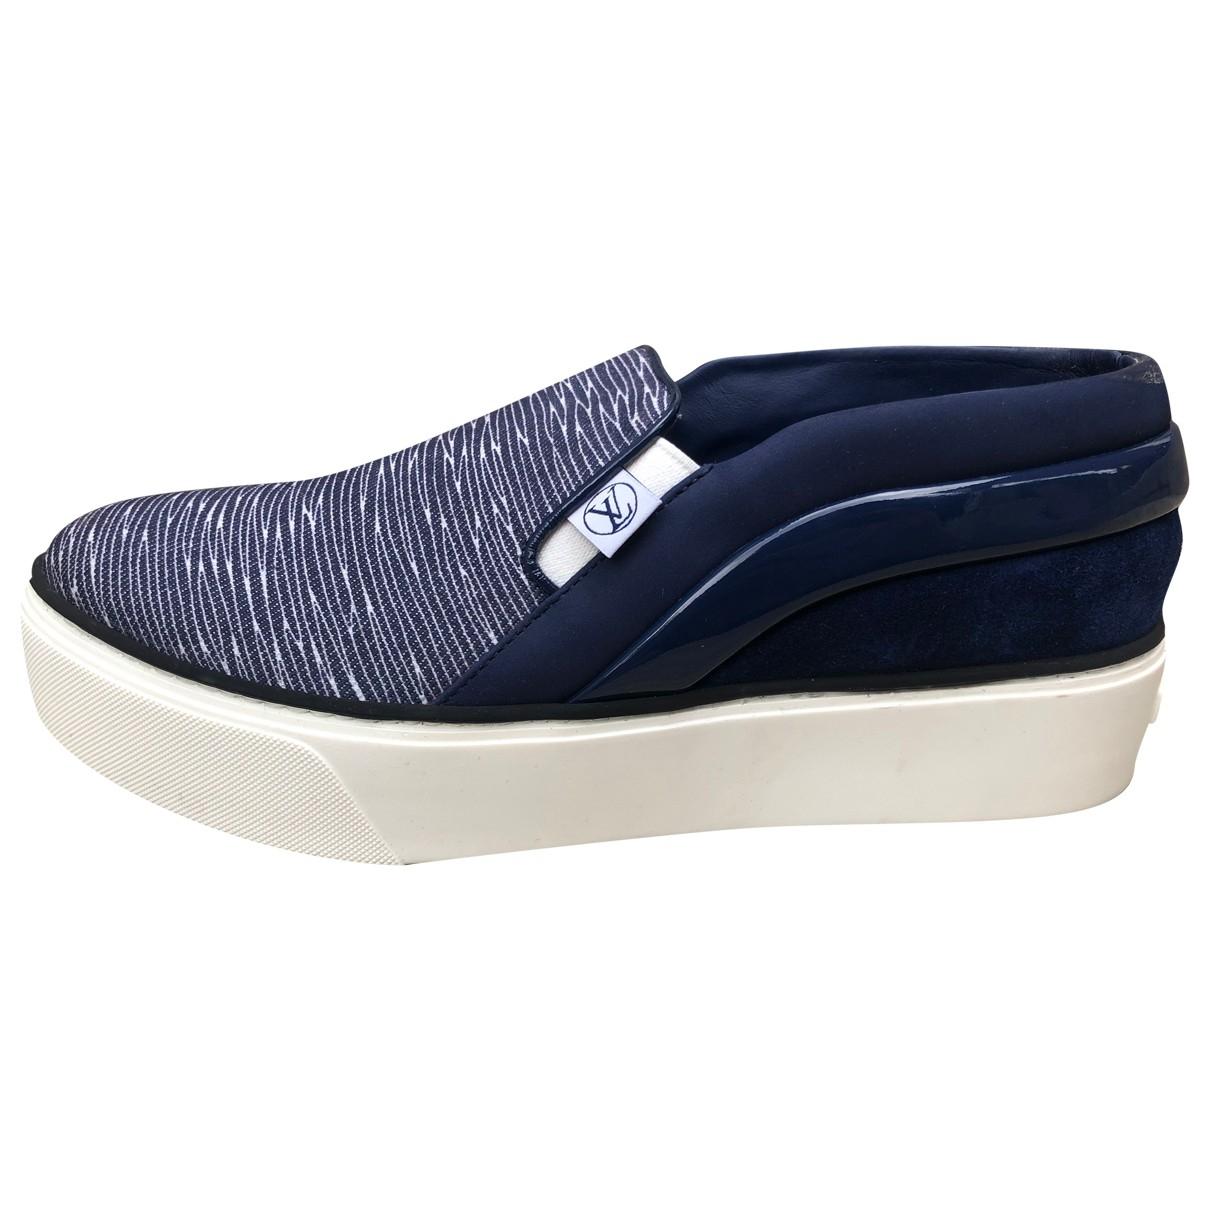 Louis Vuitton - Baskets   pour femme en toile - bleu